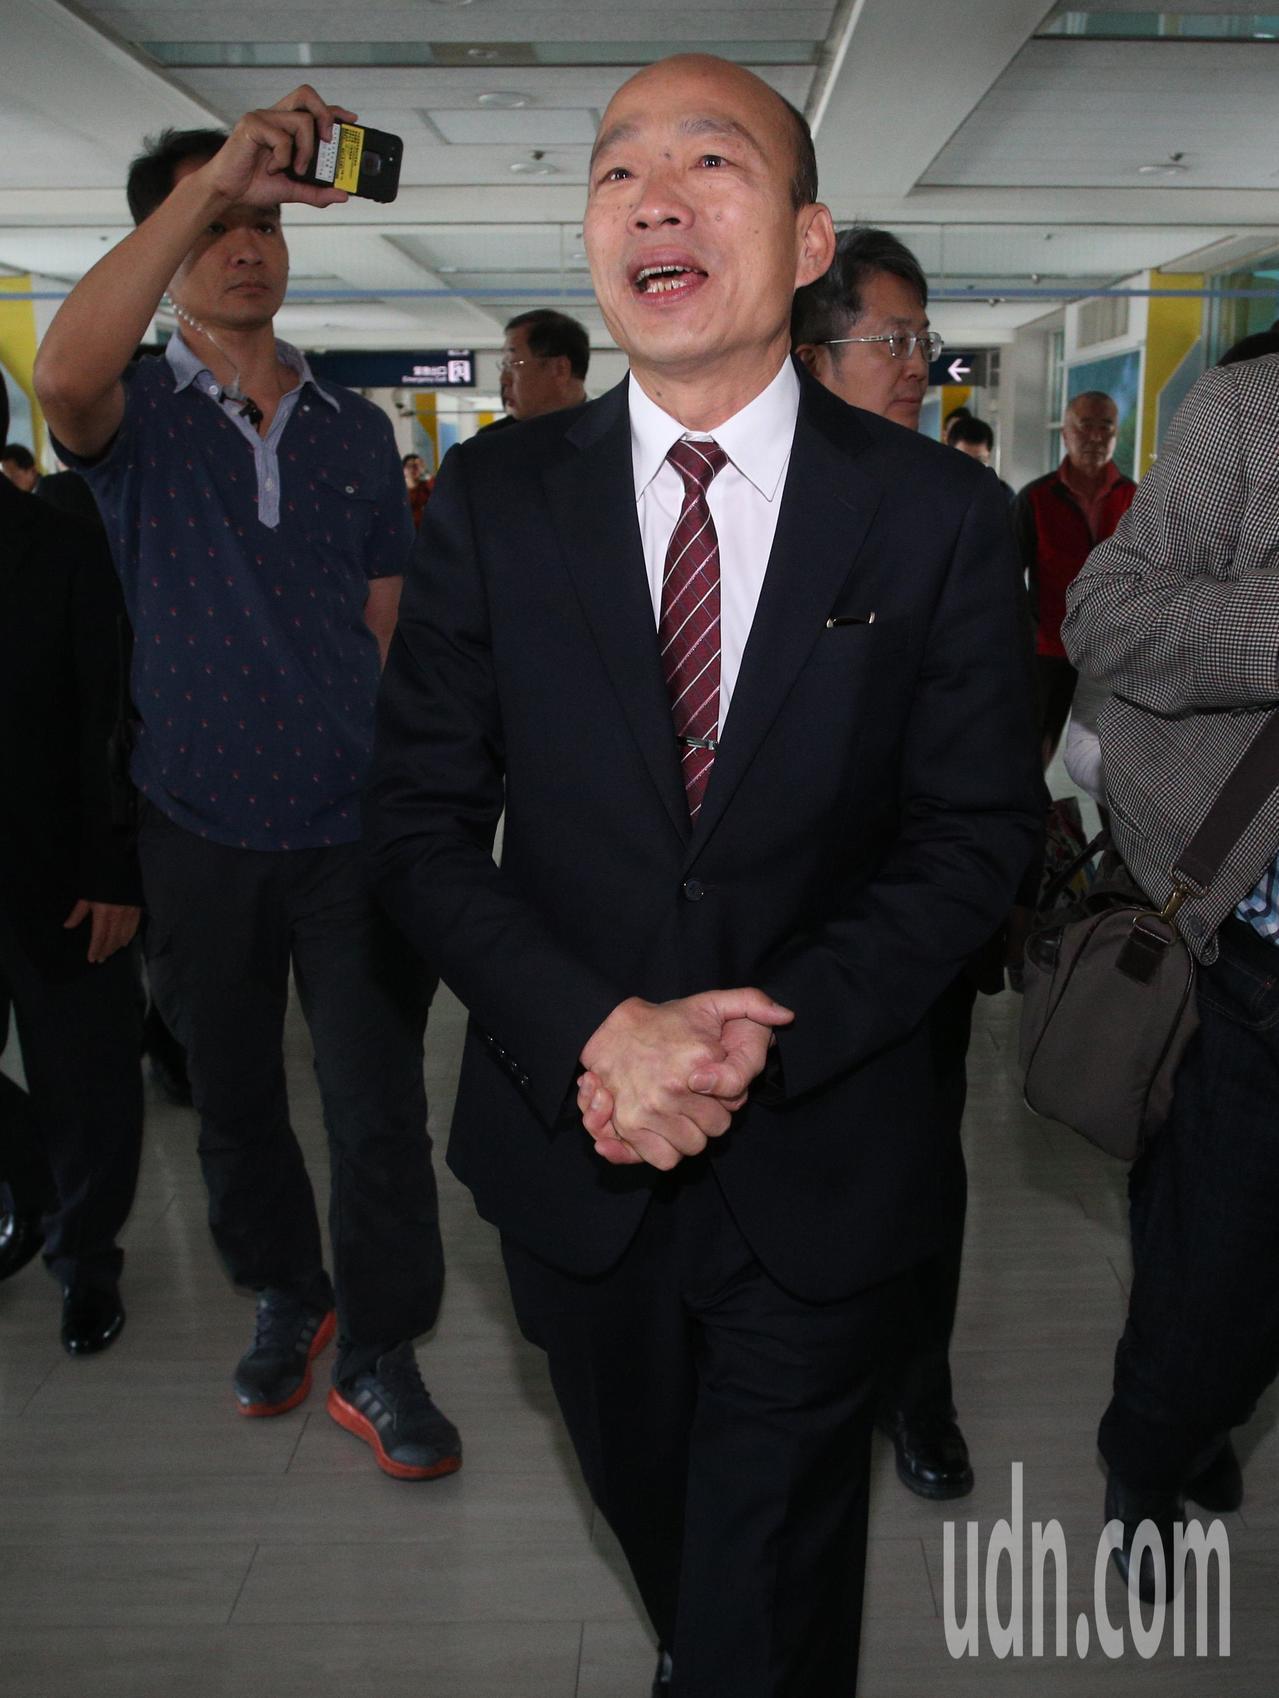 高雄市長韓國瑜今天結束港澳深廈拚經濟交流之旅,中午抵達高雄機場。記者劉學聖/攝影